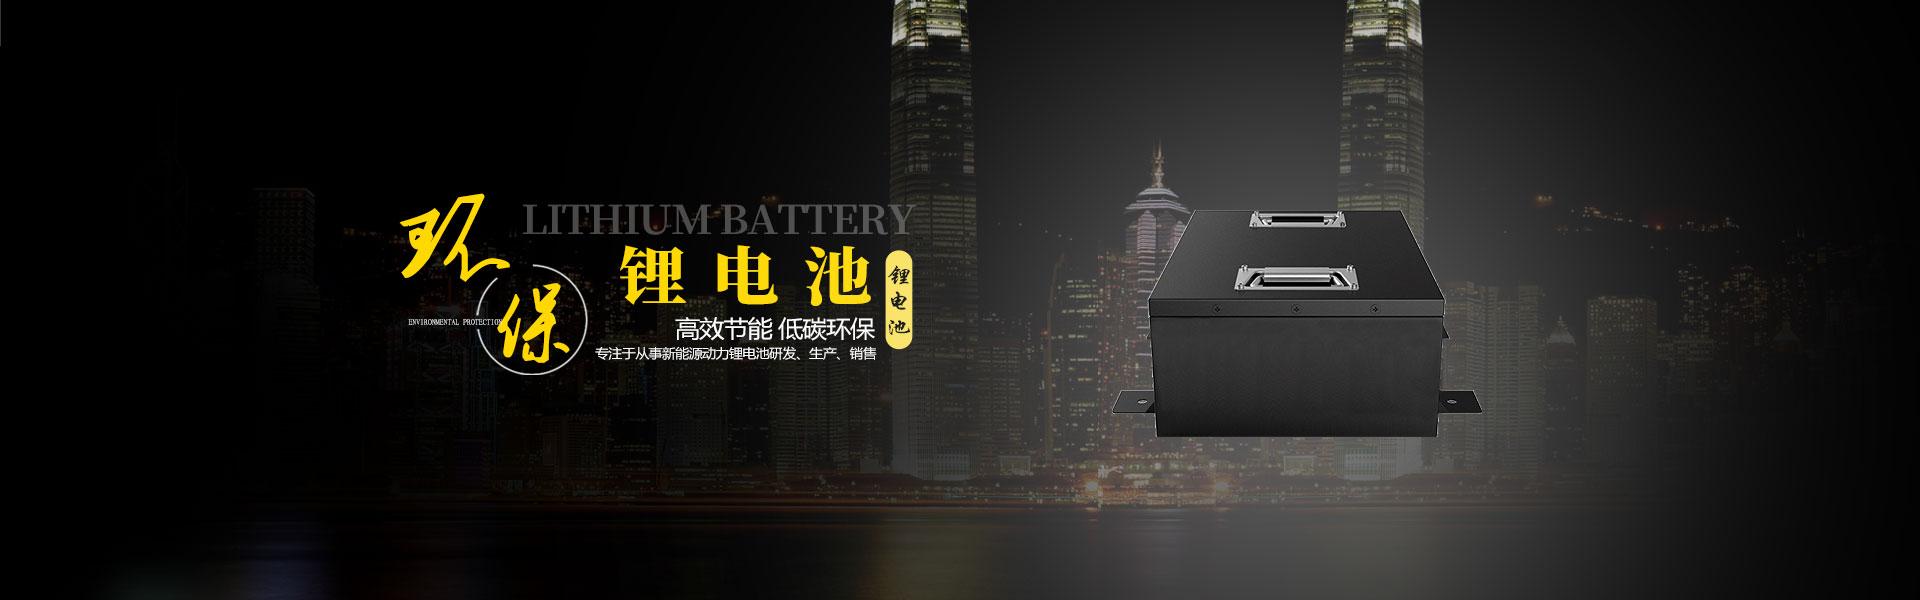 动力电池生产厂家